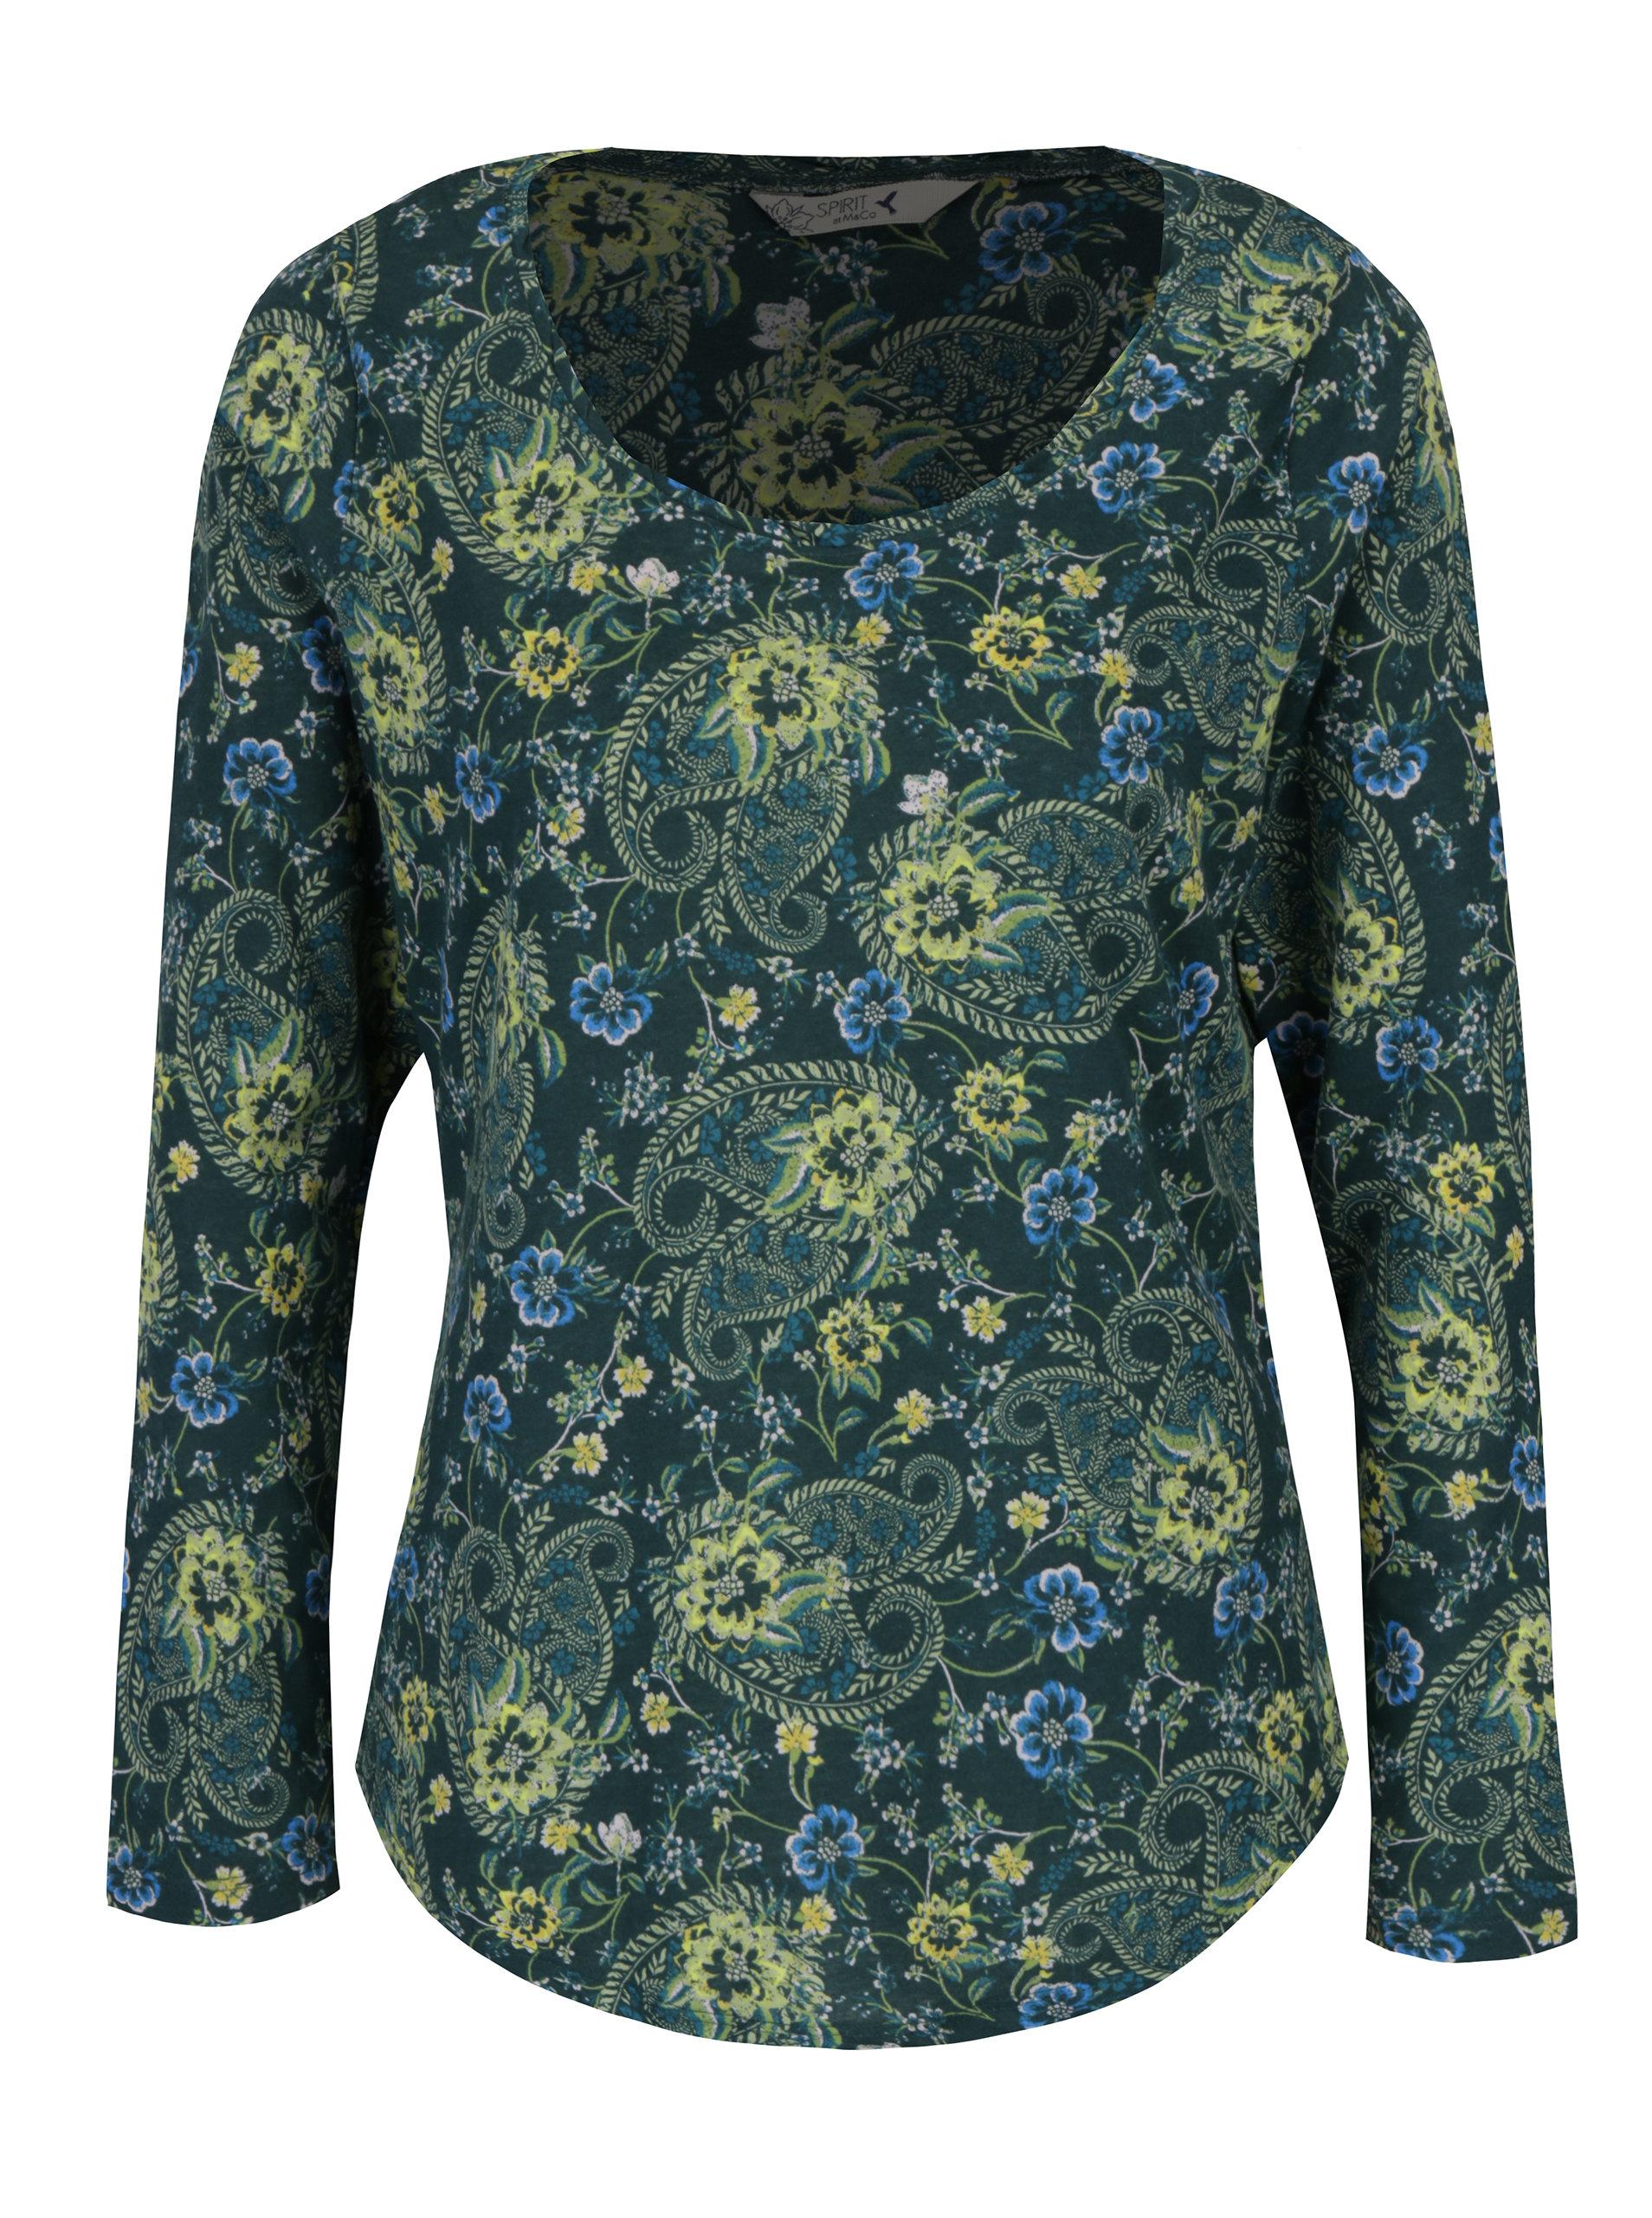 7c85a0356865 Tmavě zelené dámské květované tričko s dlouhým rukávem M Co ...